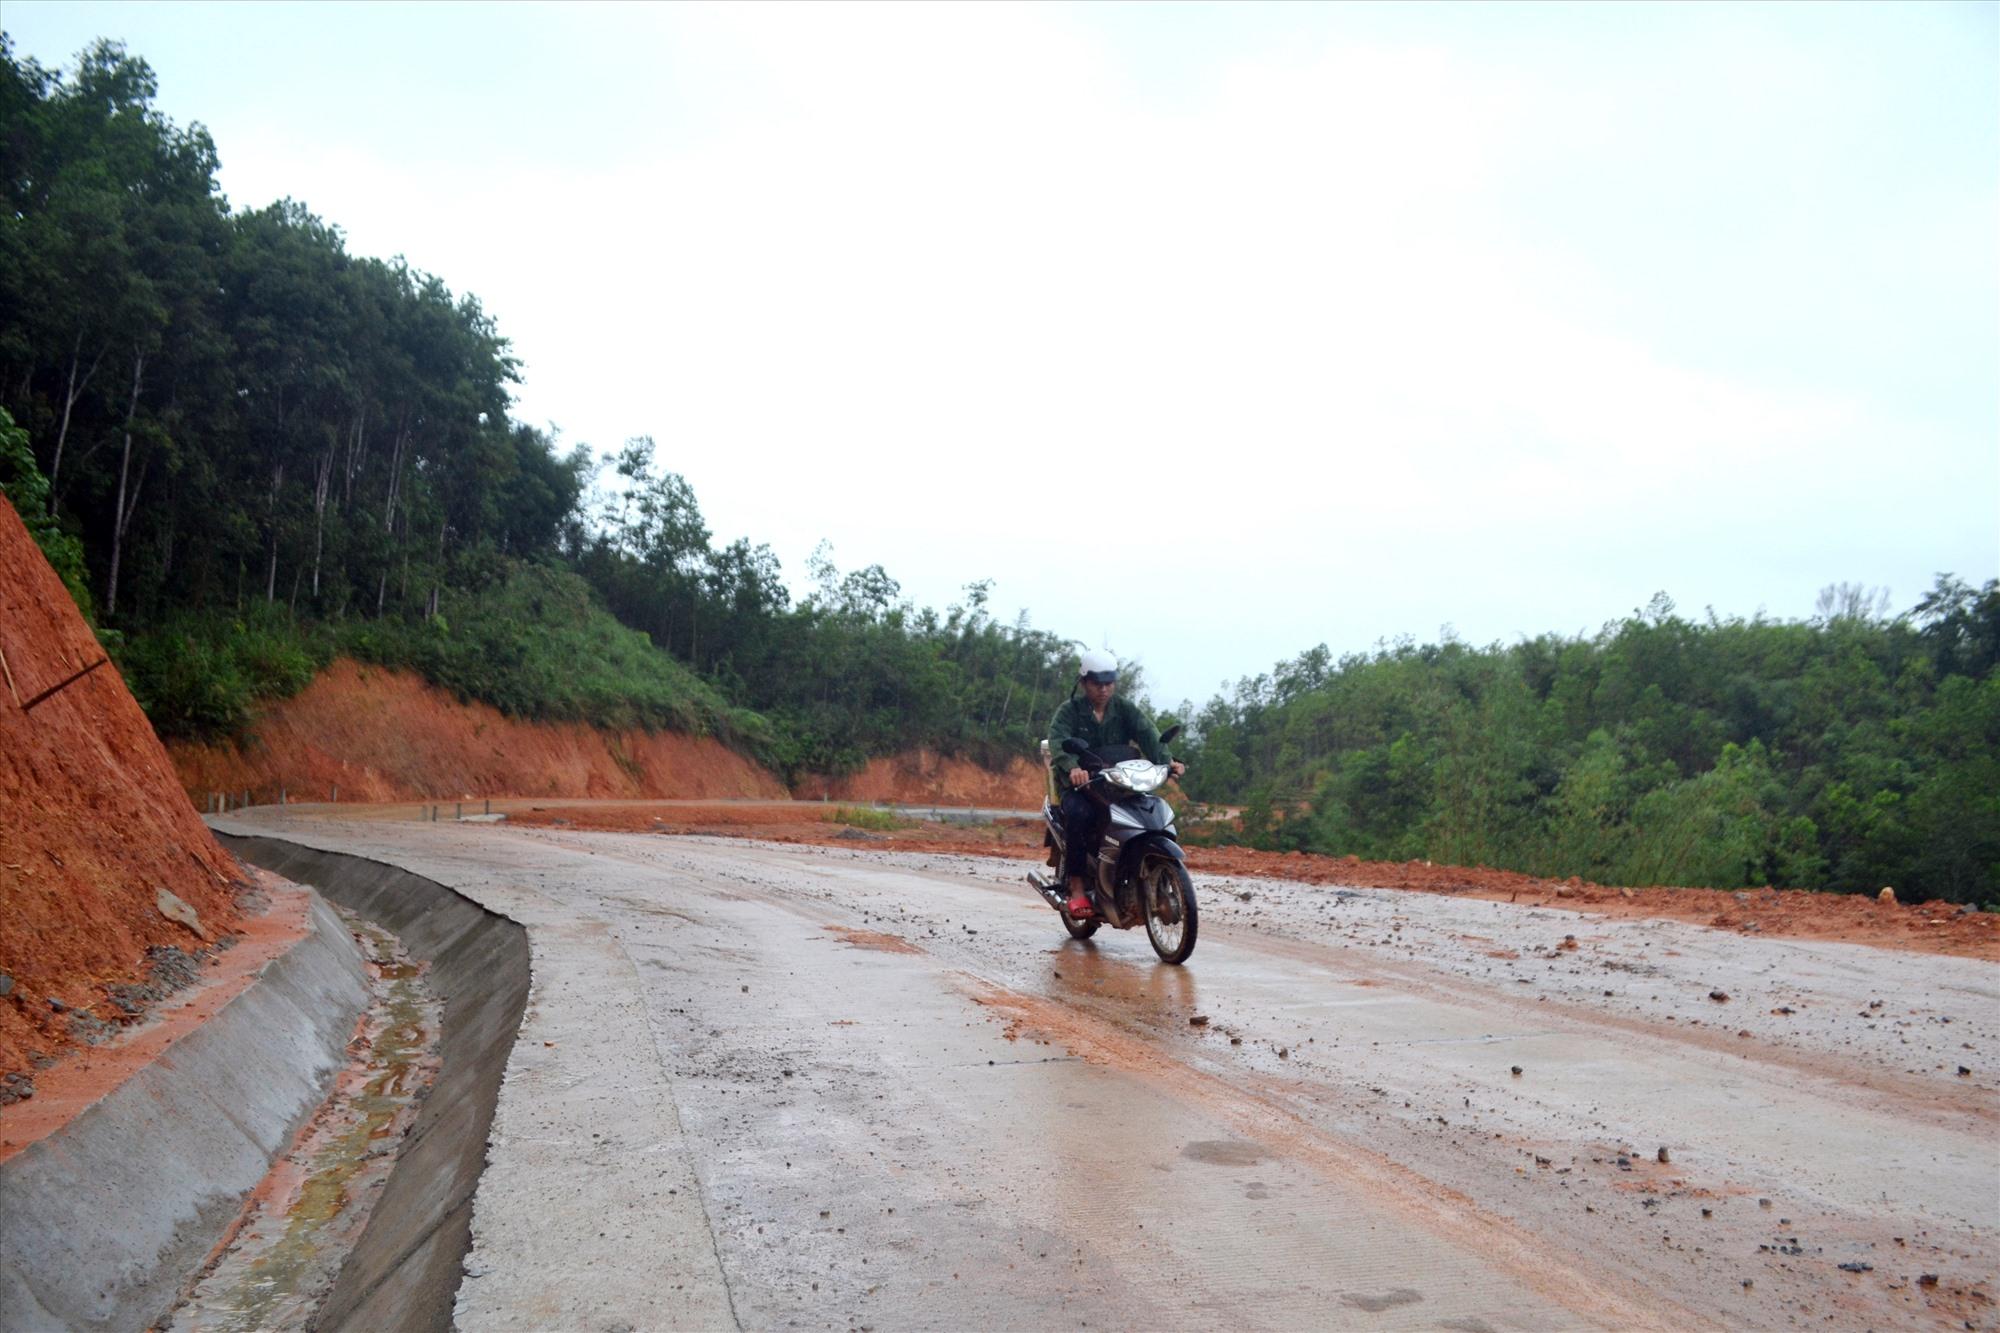 Dự án tuyến đường Prao-Tà Lu-Zà Hung thi công sắp hoàn thành. Ảnh: C.T